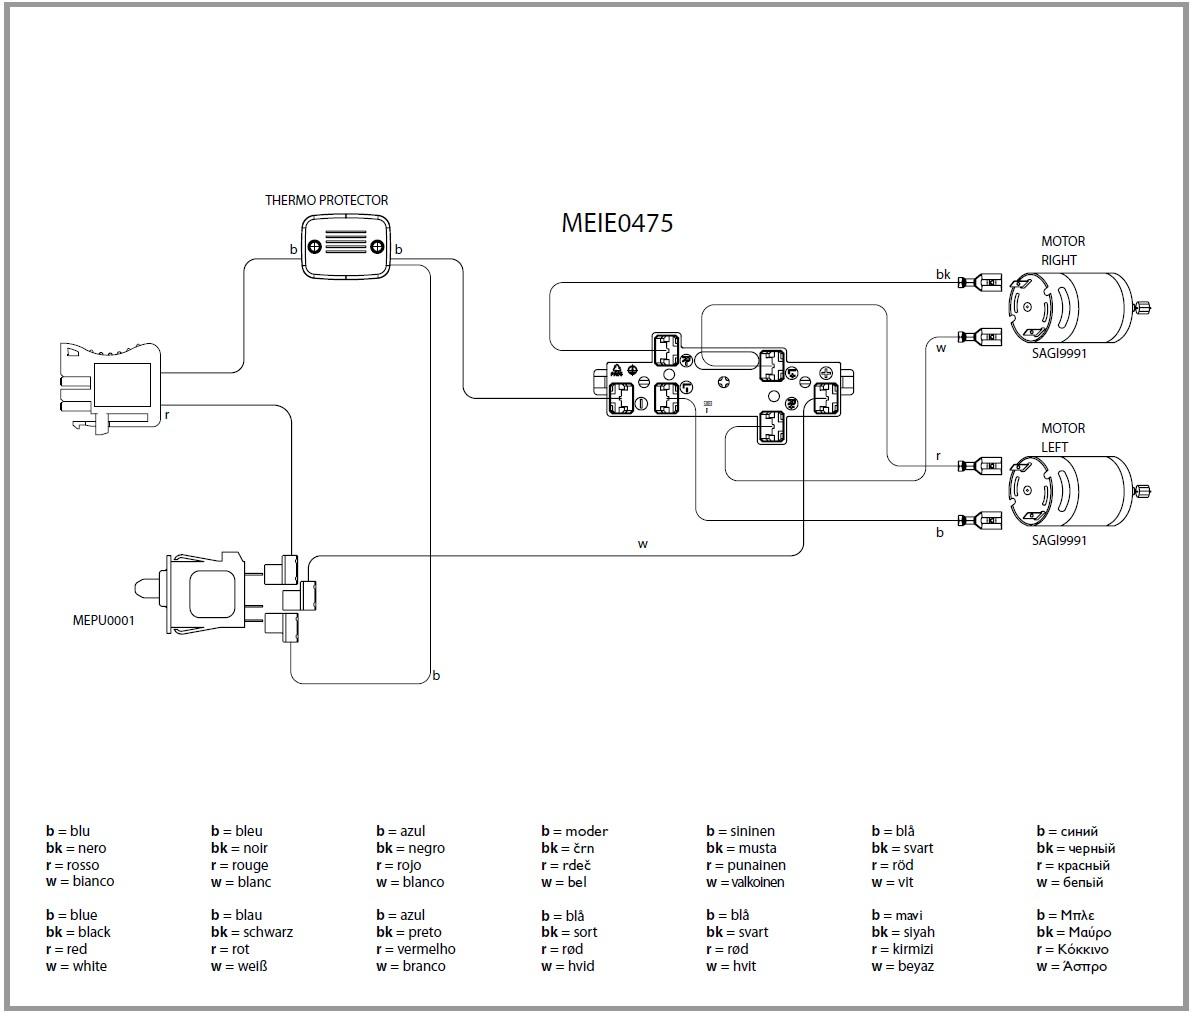 IGOD0032 IGOD0035 electric diagram